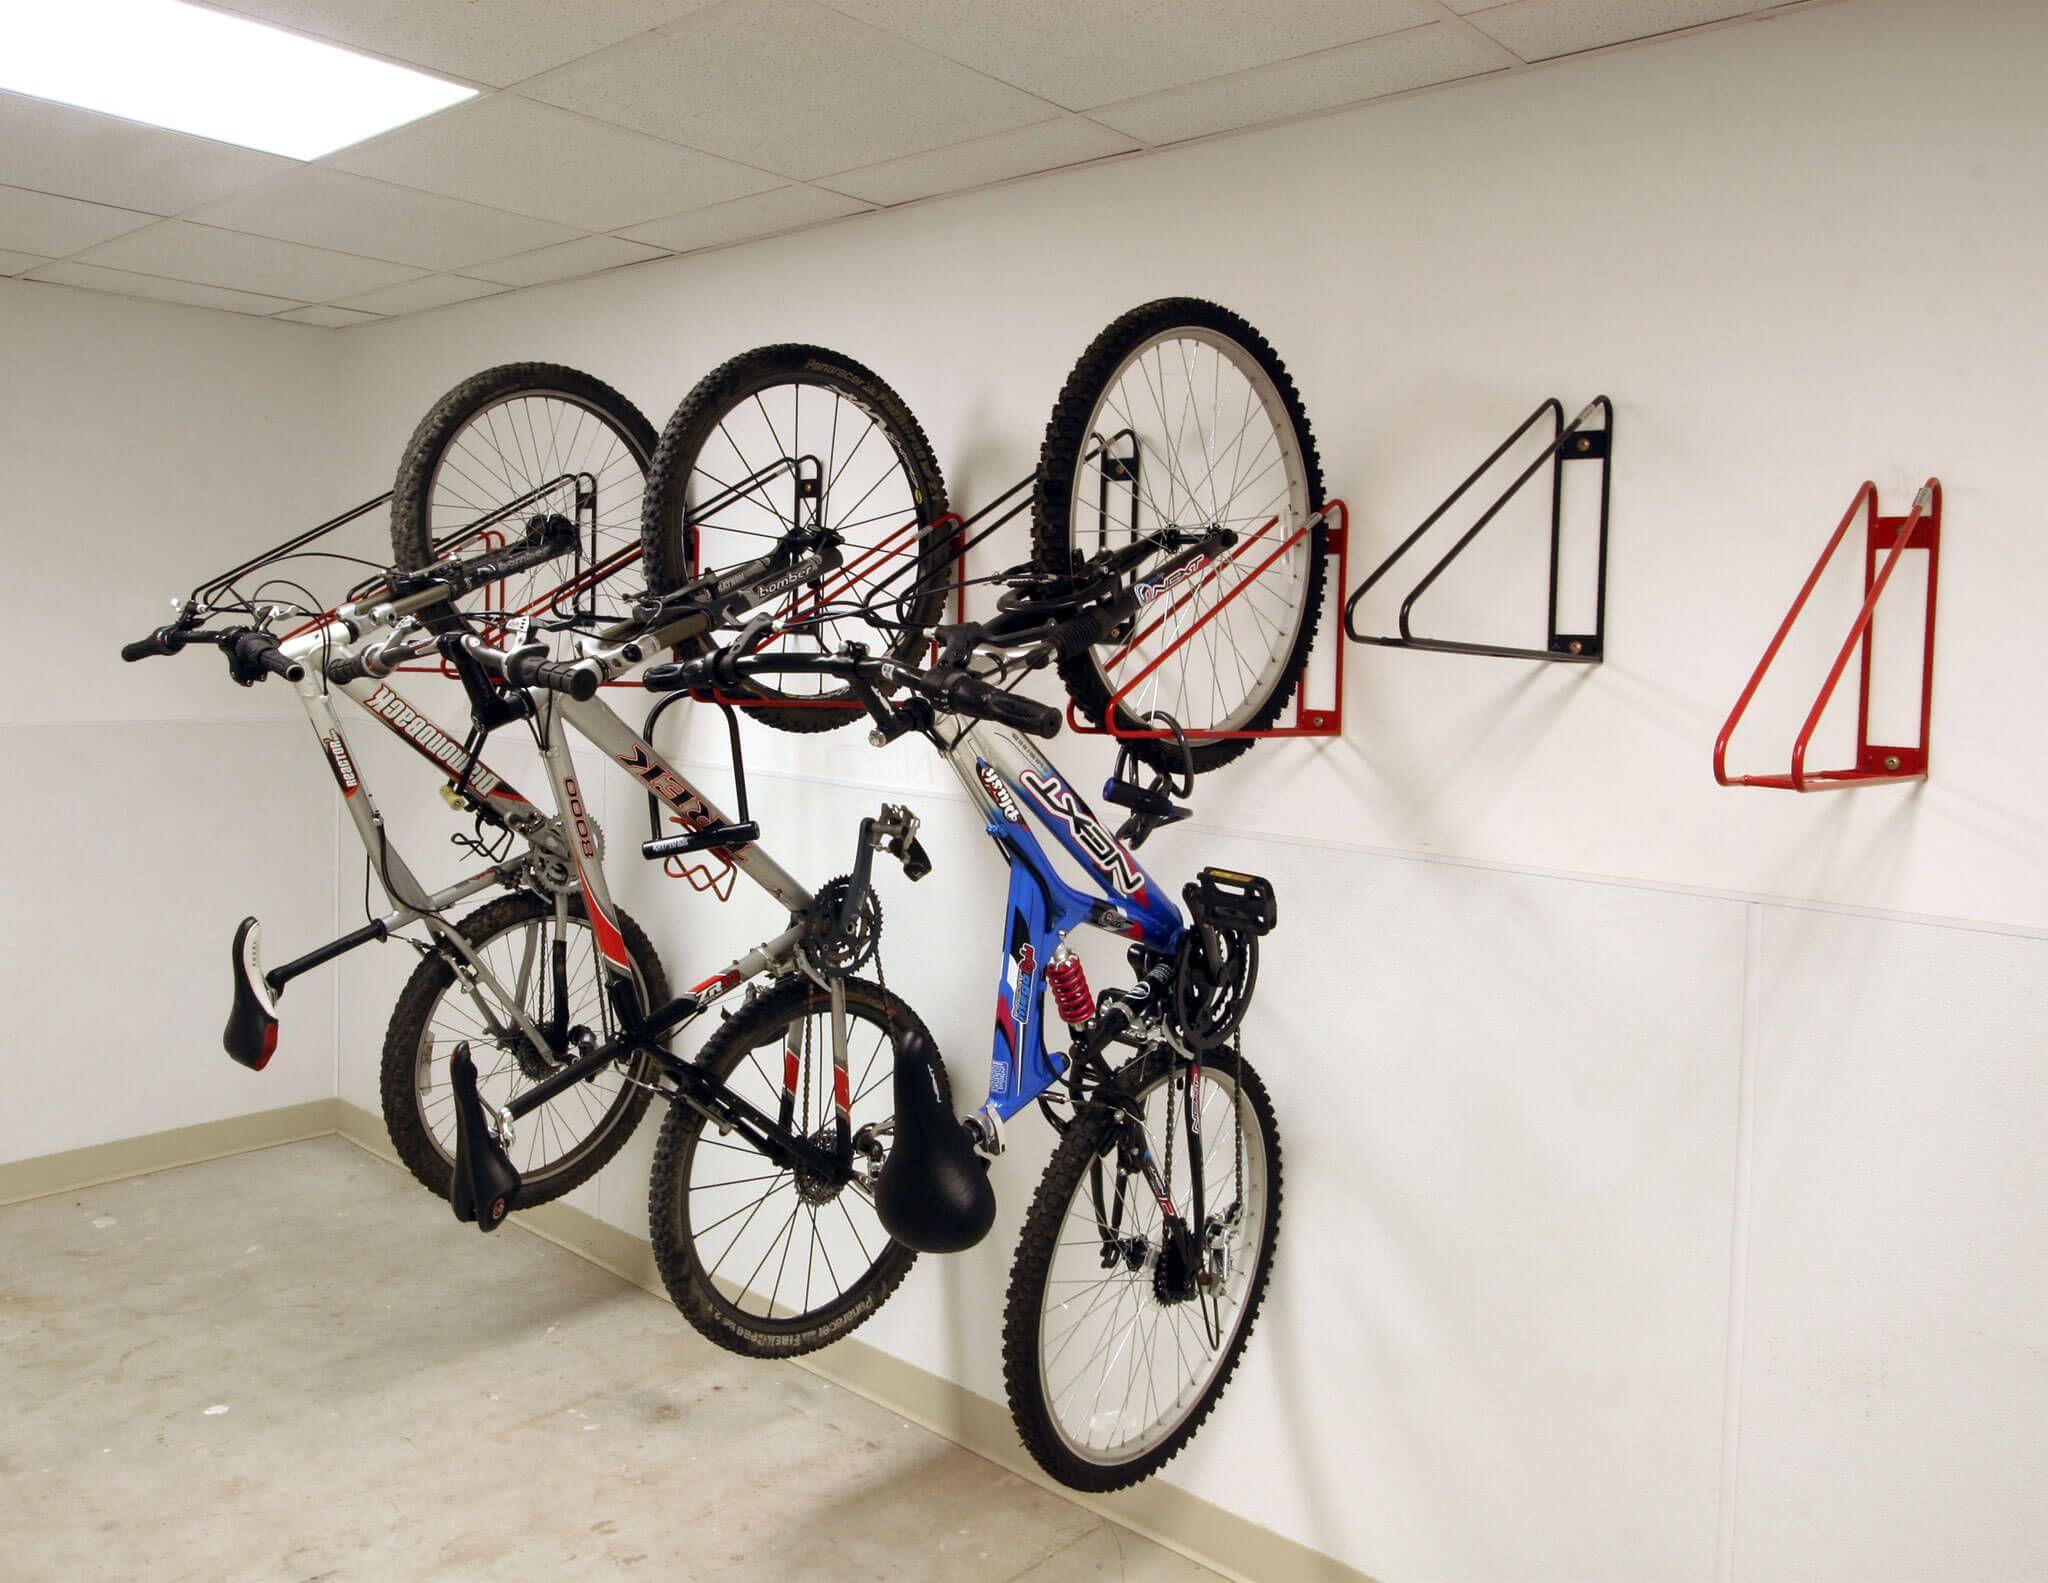 Bike Room With Bike Wall Racks At Wesleyan University Bike Rack Wall Wall Mount Bike Rack Bike Storage Room